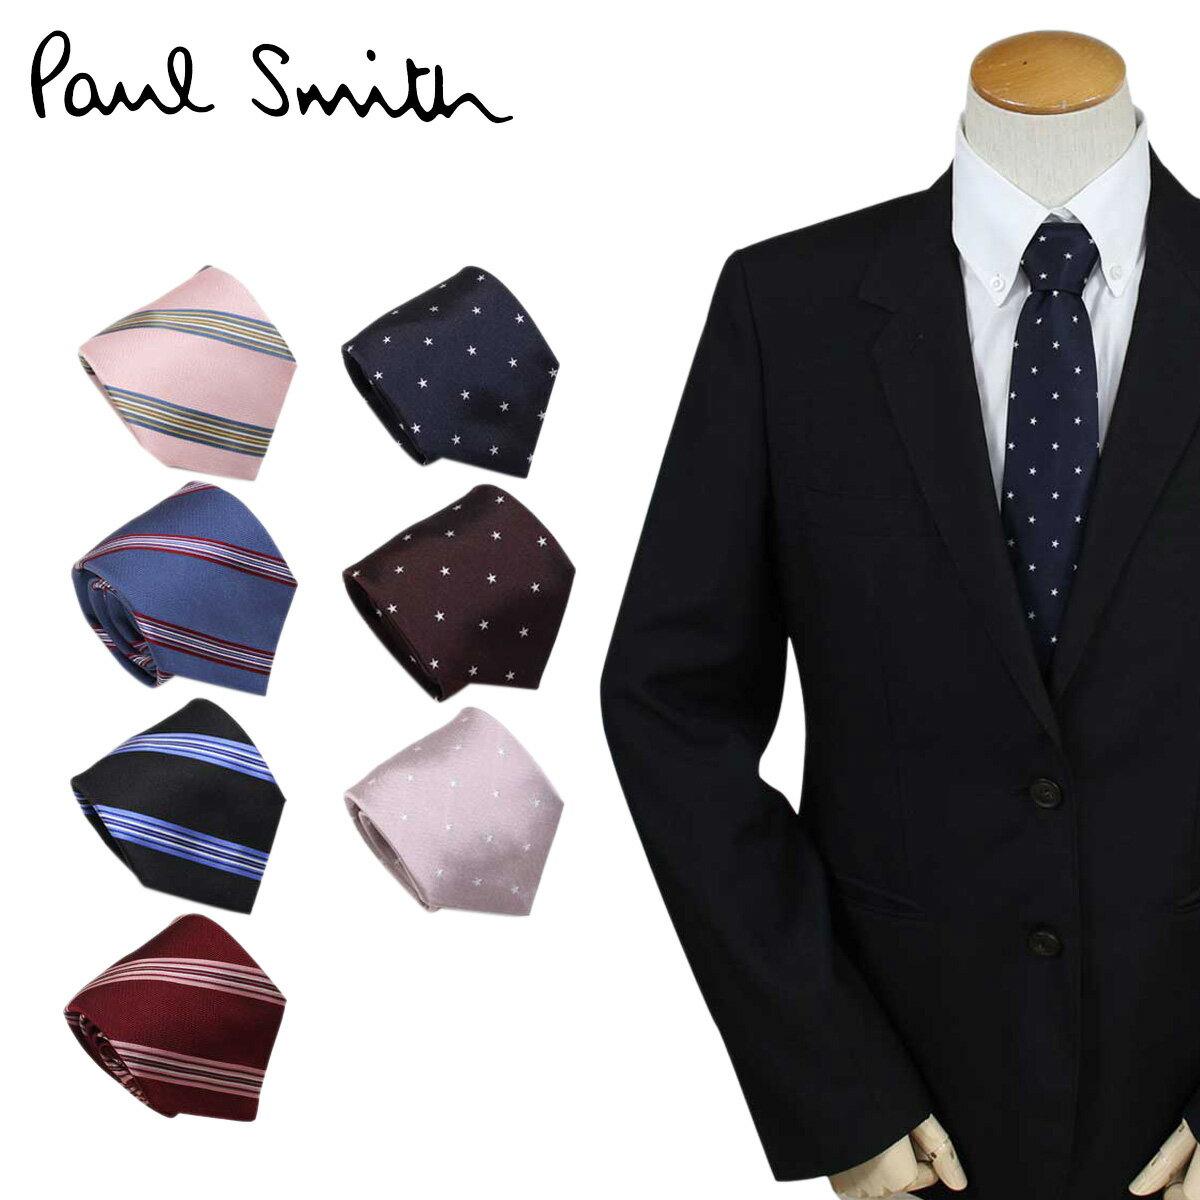 ポールスミス ネクタイ シルク メンズ Paul Smith ドット ストライプ ギフト ケース付 イタリア製 ビジネス 結婚式 [7/31 追加入荷] 【決算セール】